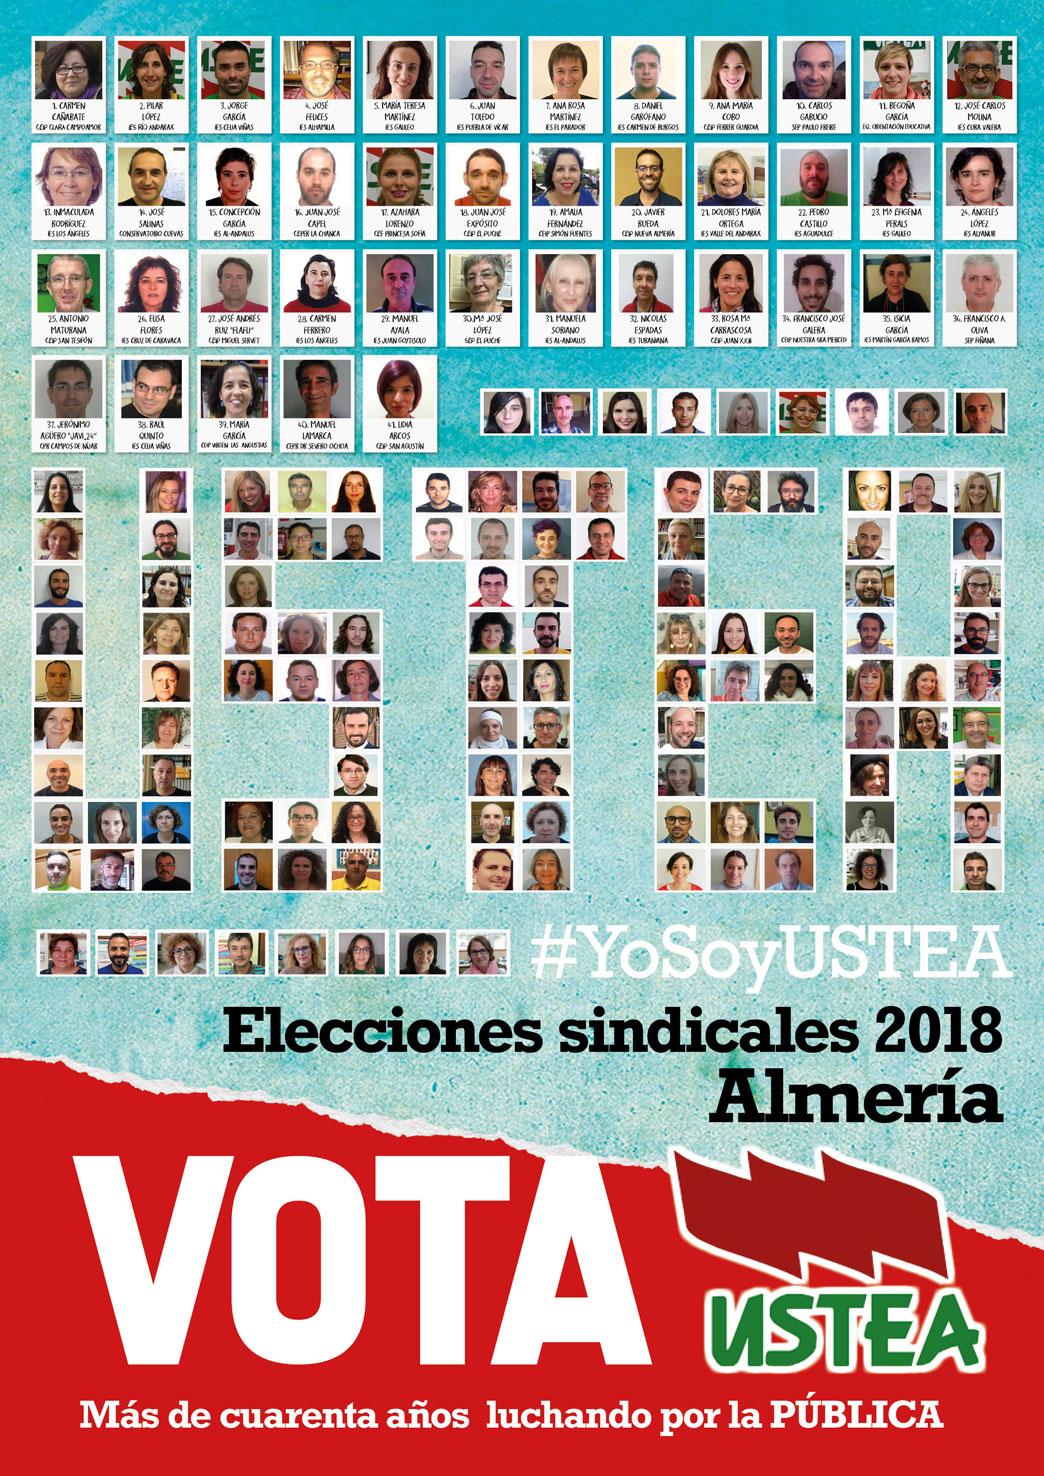 Elecciones sindicales2018 a quién votar Ustea Almería